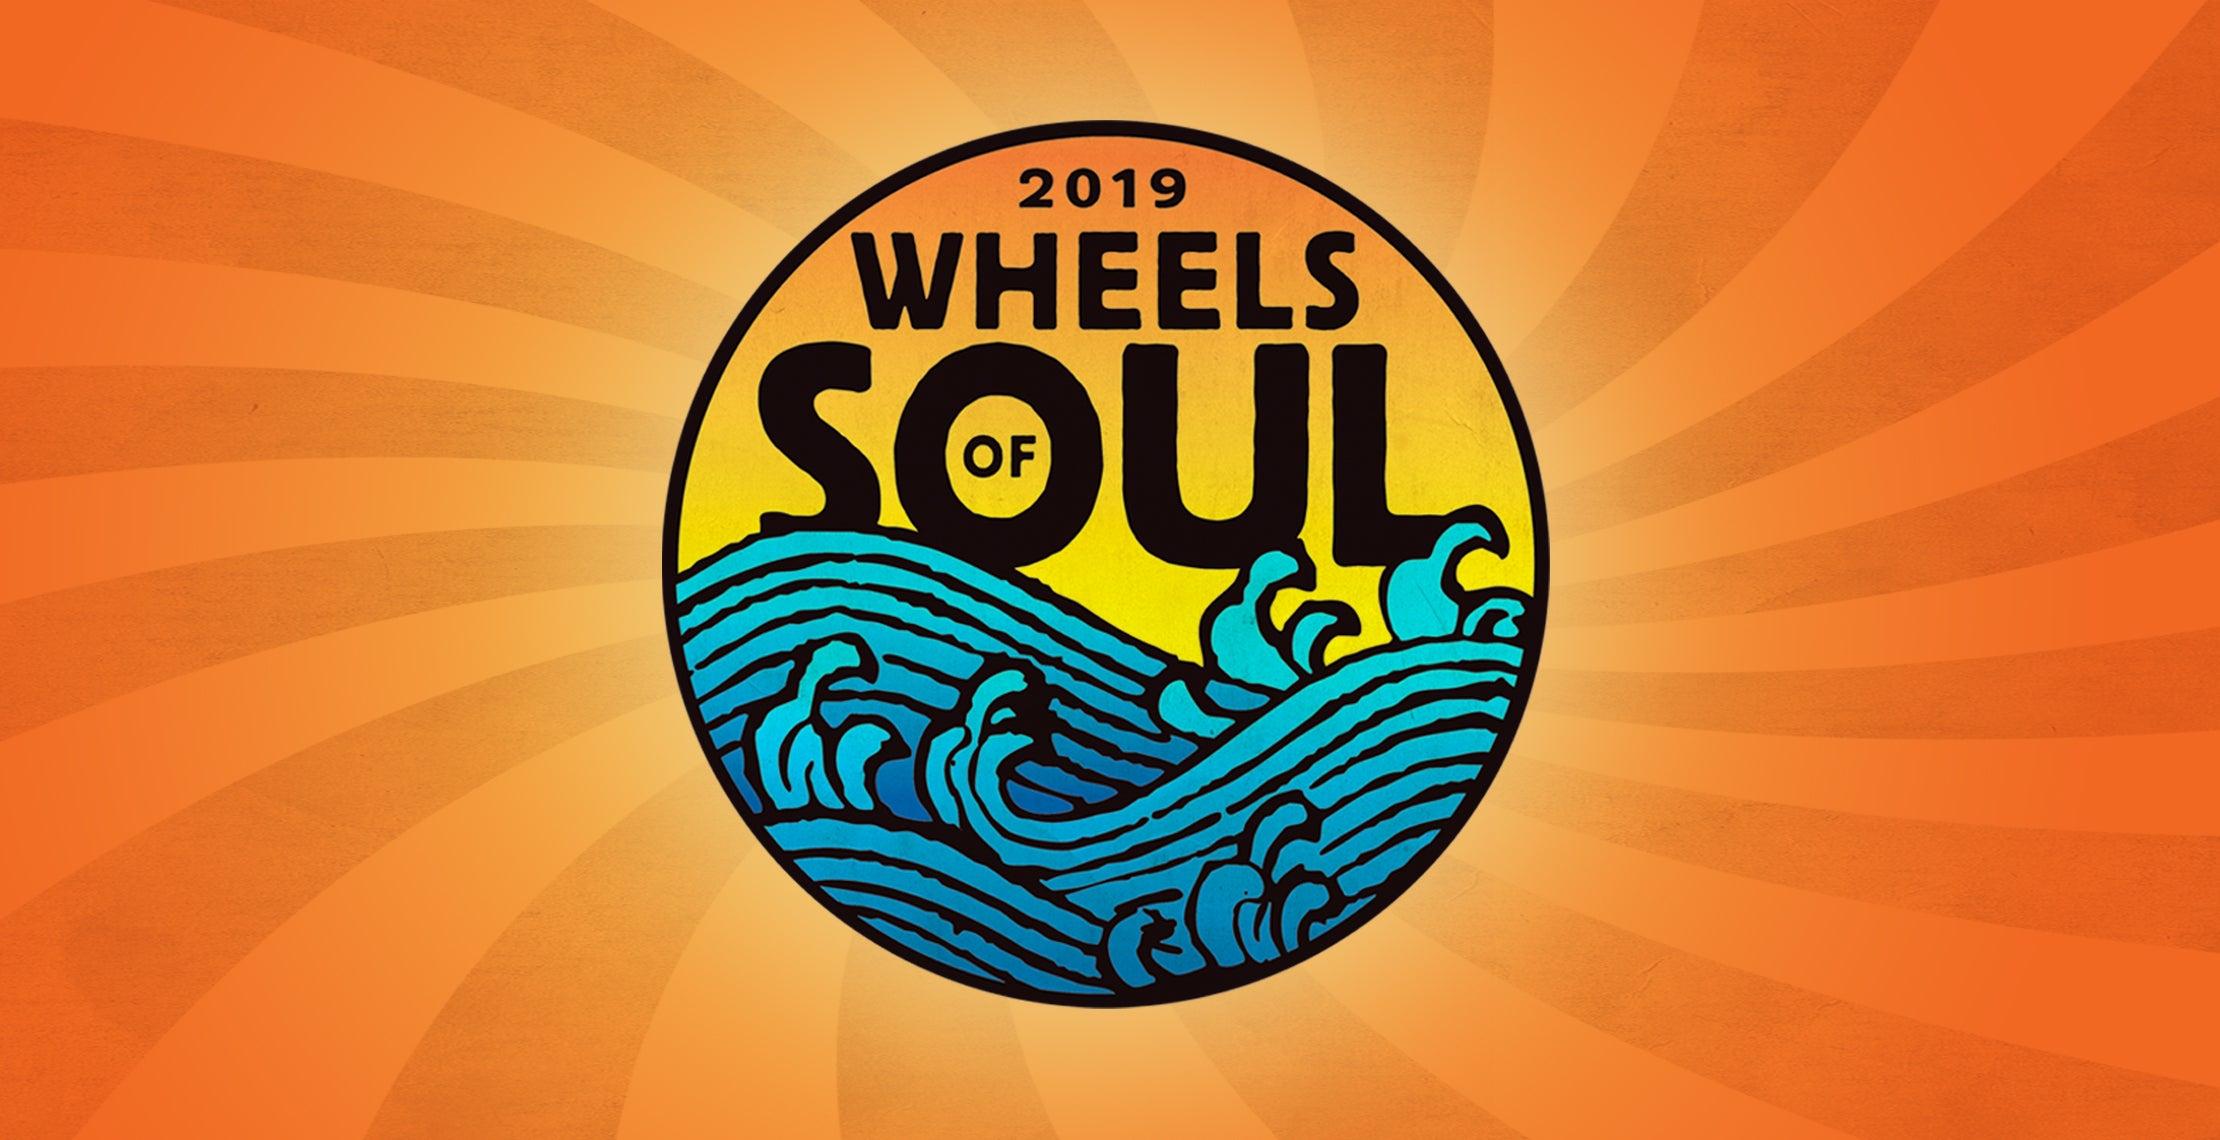 Tedeschi Trucks Band: Wheels of Soul 2019